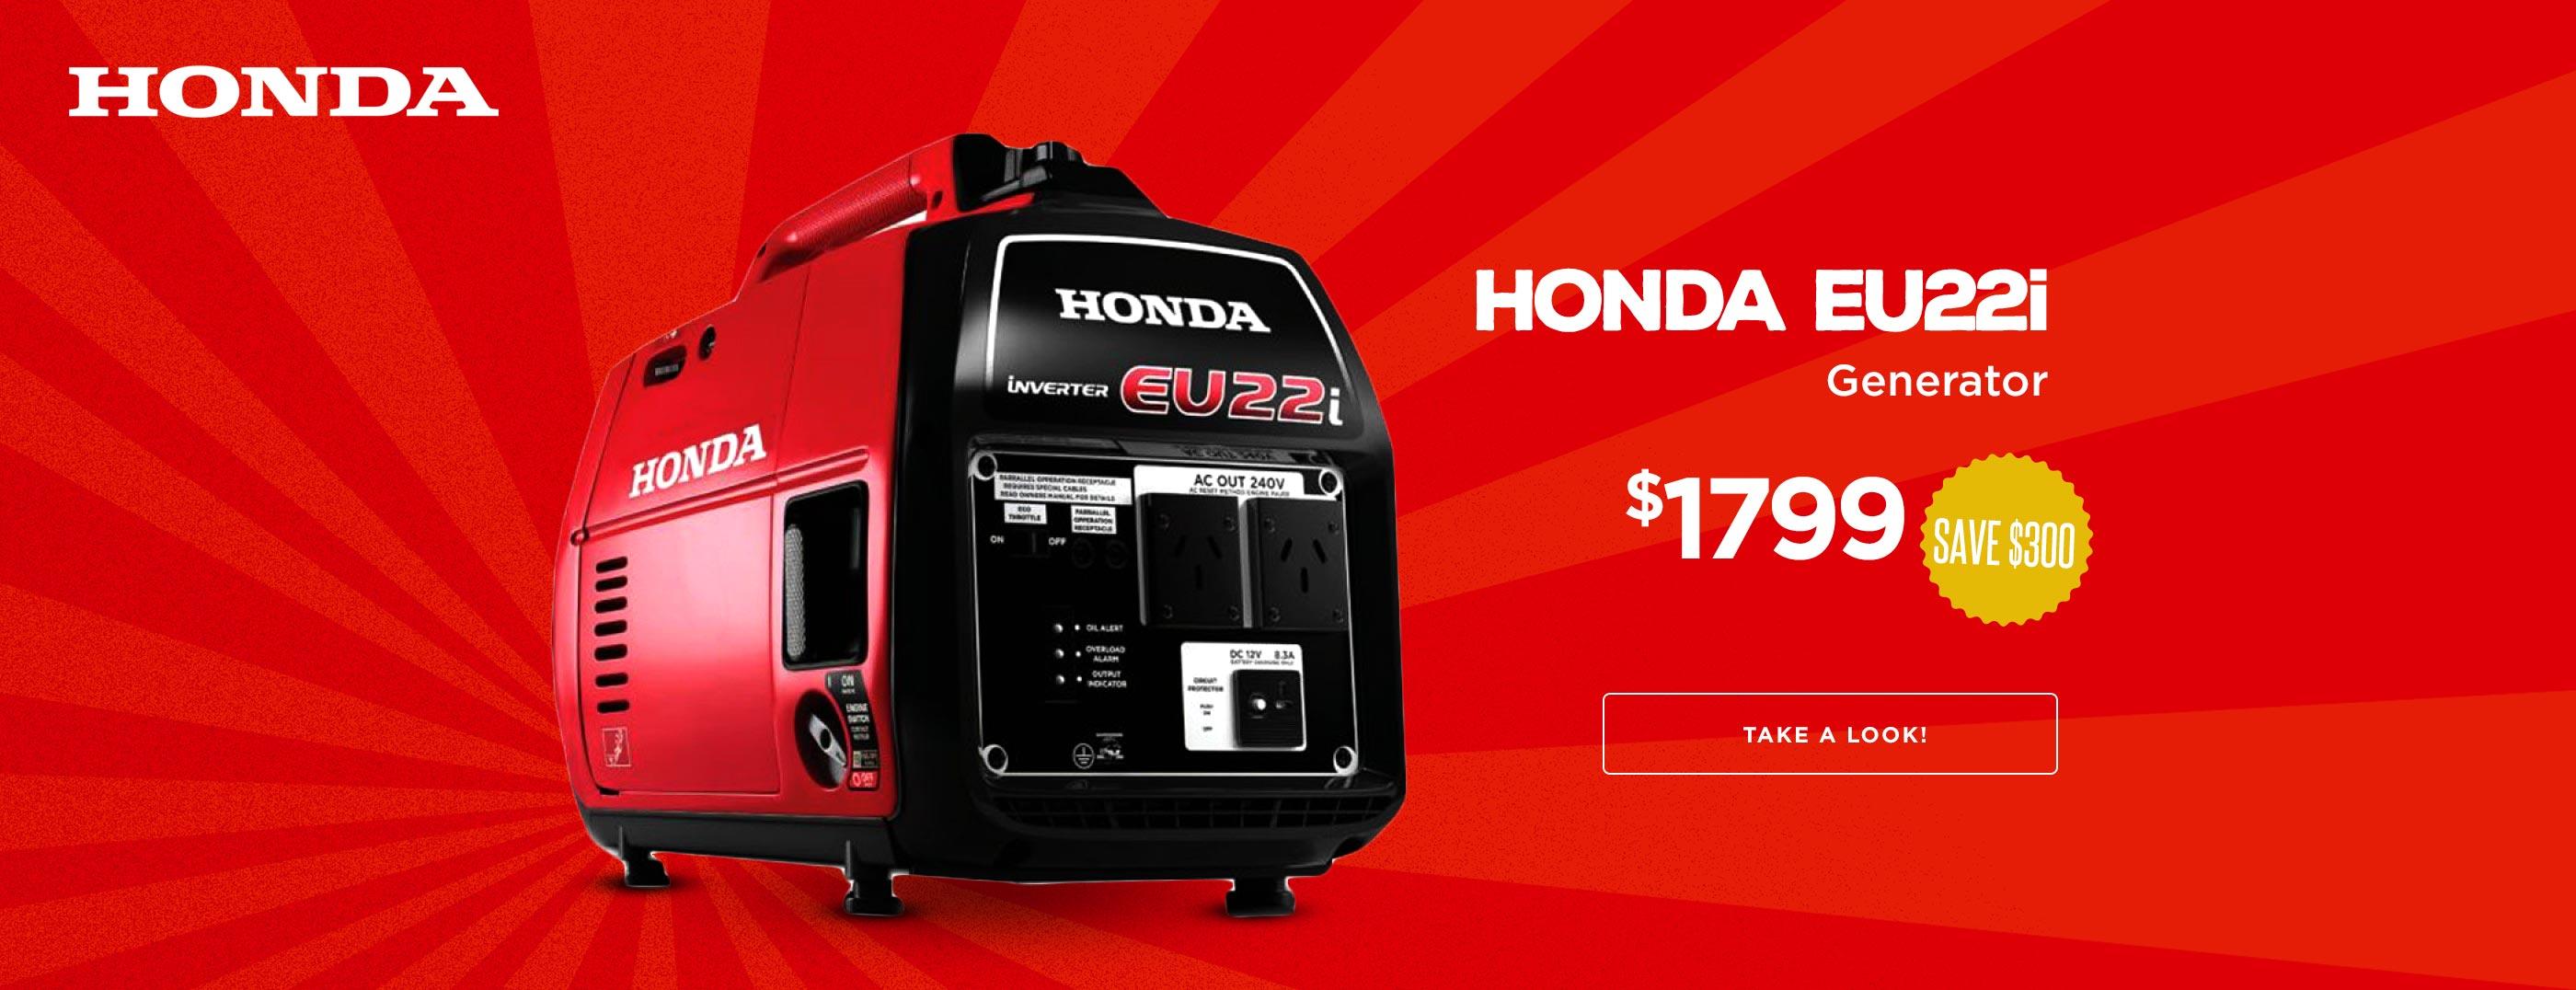 NEW Honda Eu22i Save $300